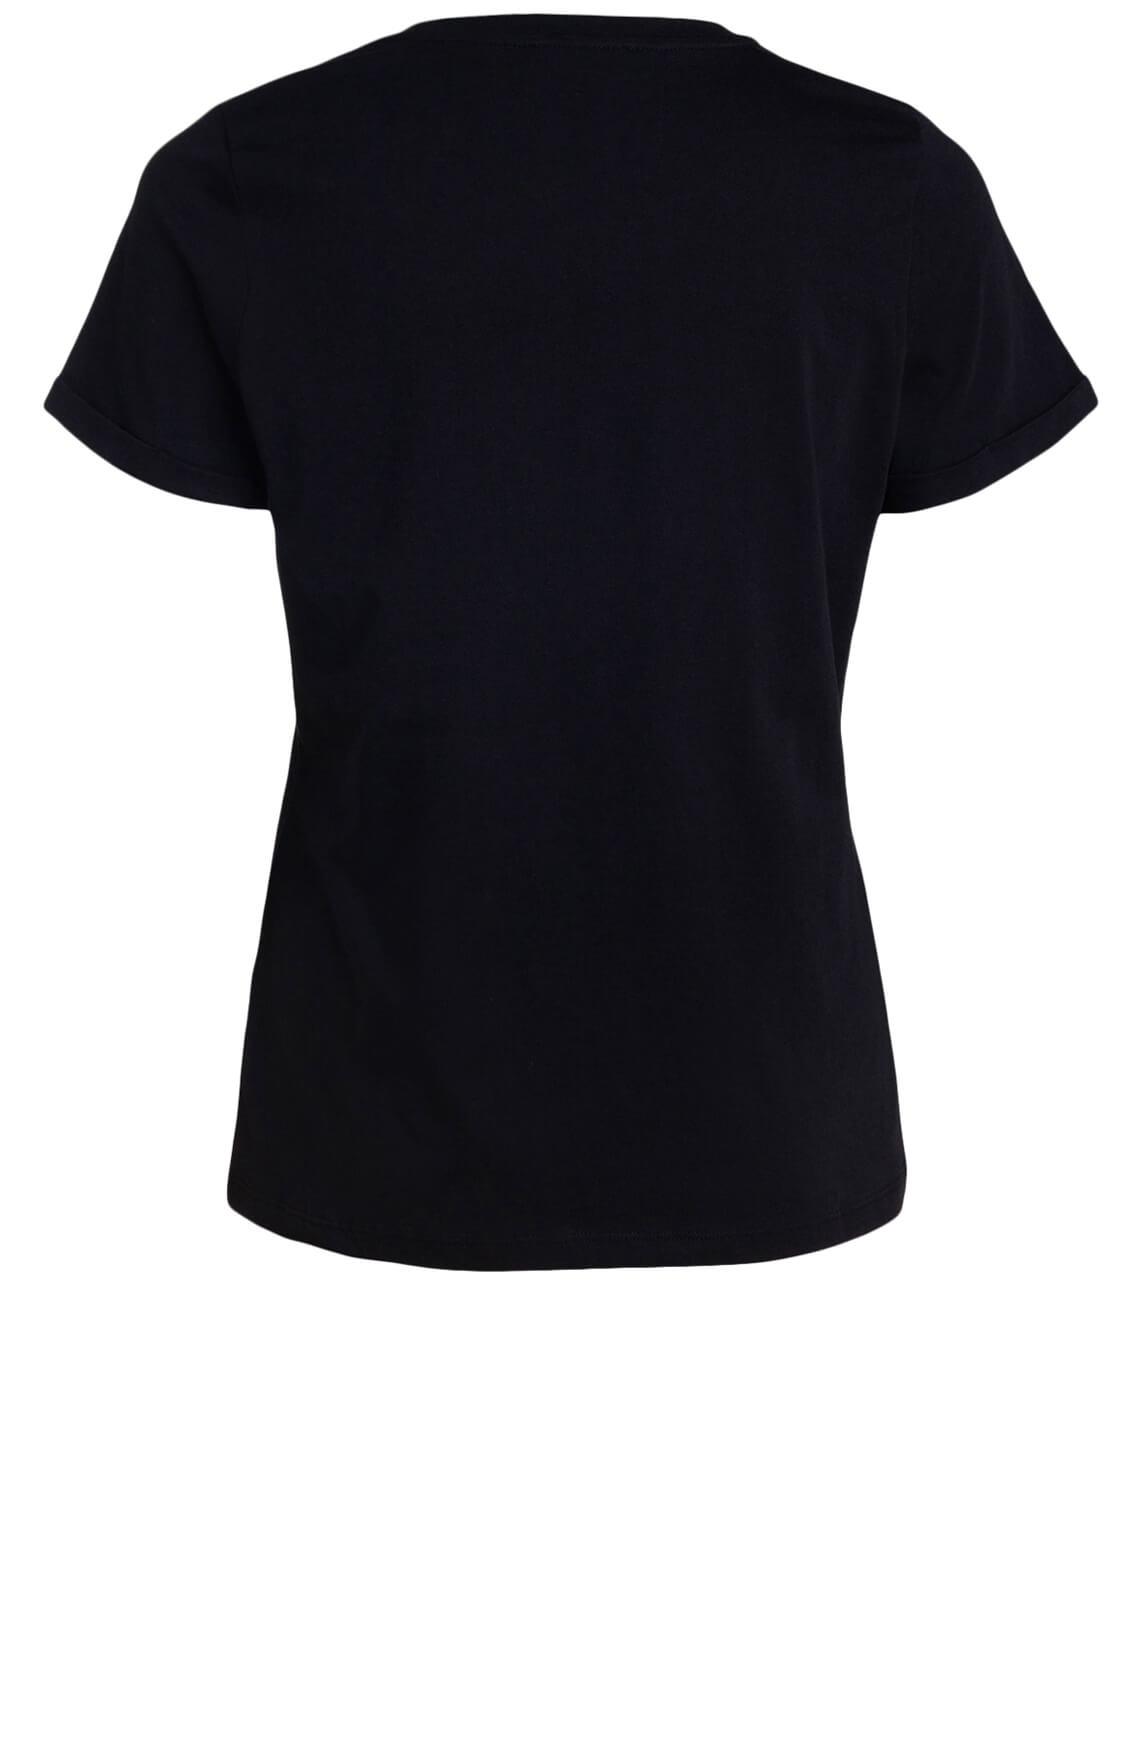 Anna Dames Shirt PWRWMN zwart